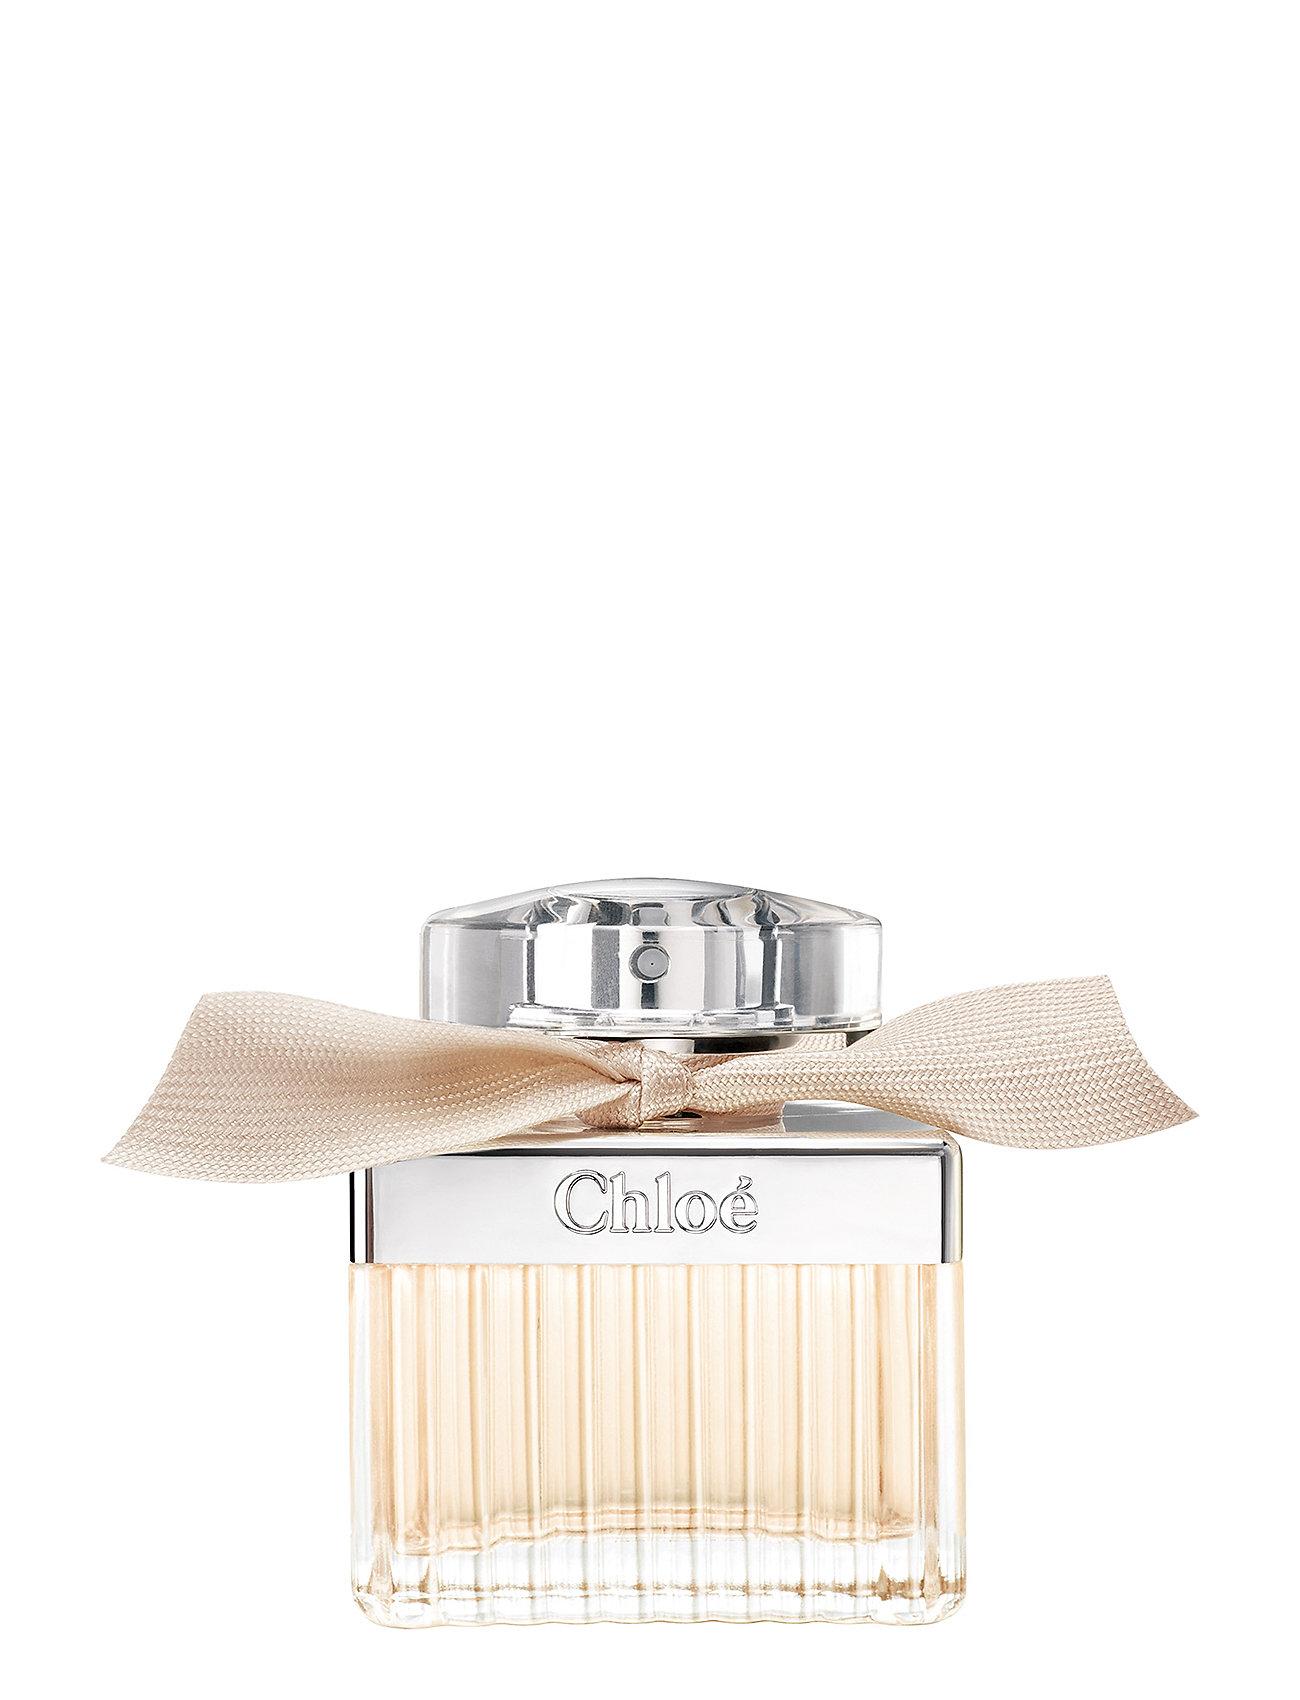 Signatur Eau De Parfum ChloÈ  til Damer i